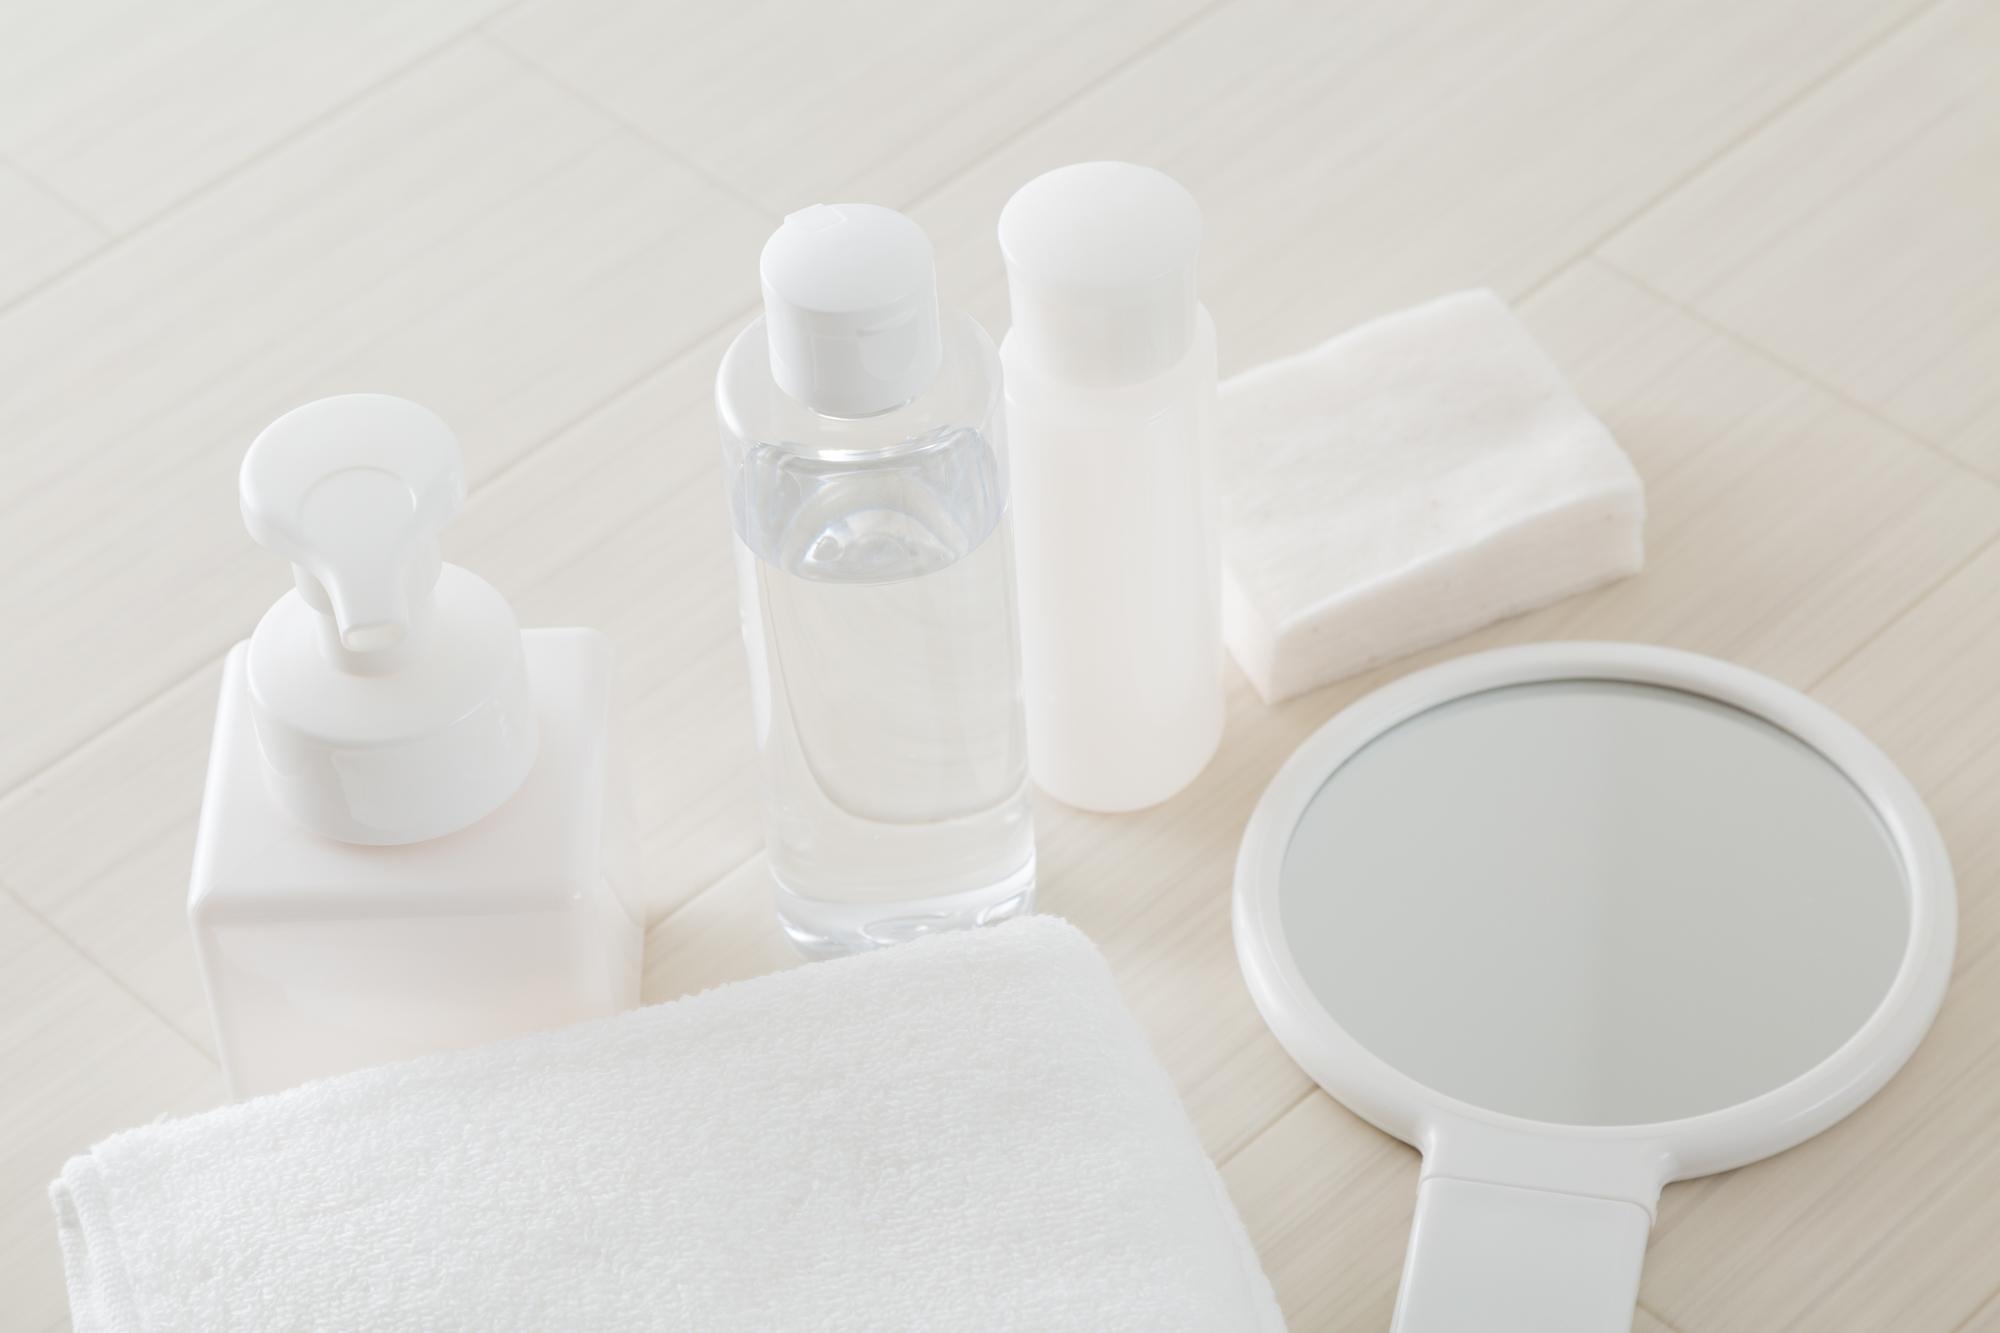 高保湿化粧水おすすめランキング|乾燥肌もうるおう超しっとり化粧水TOP5